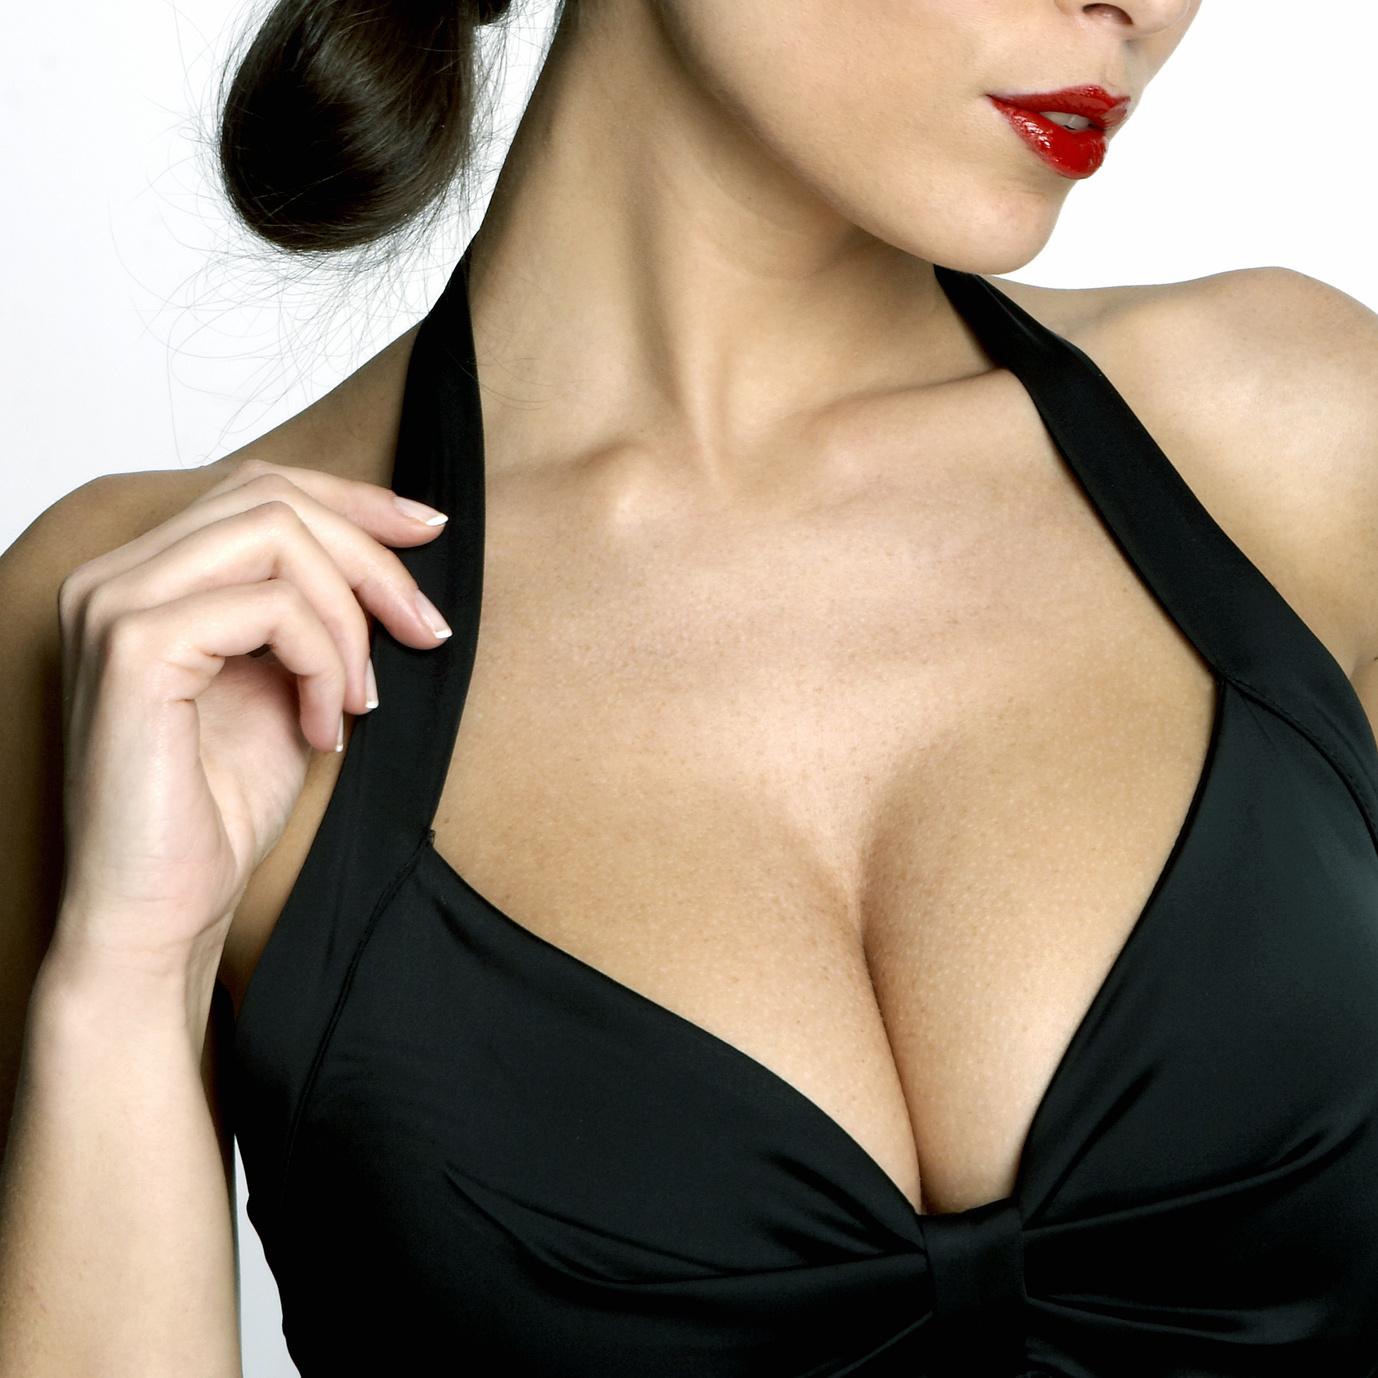 У жены обвисла грудь 29 фотография